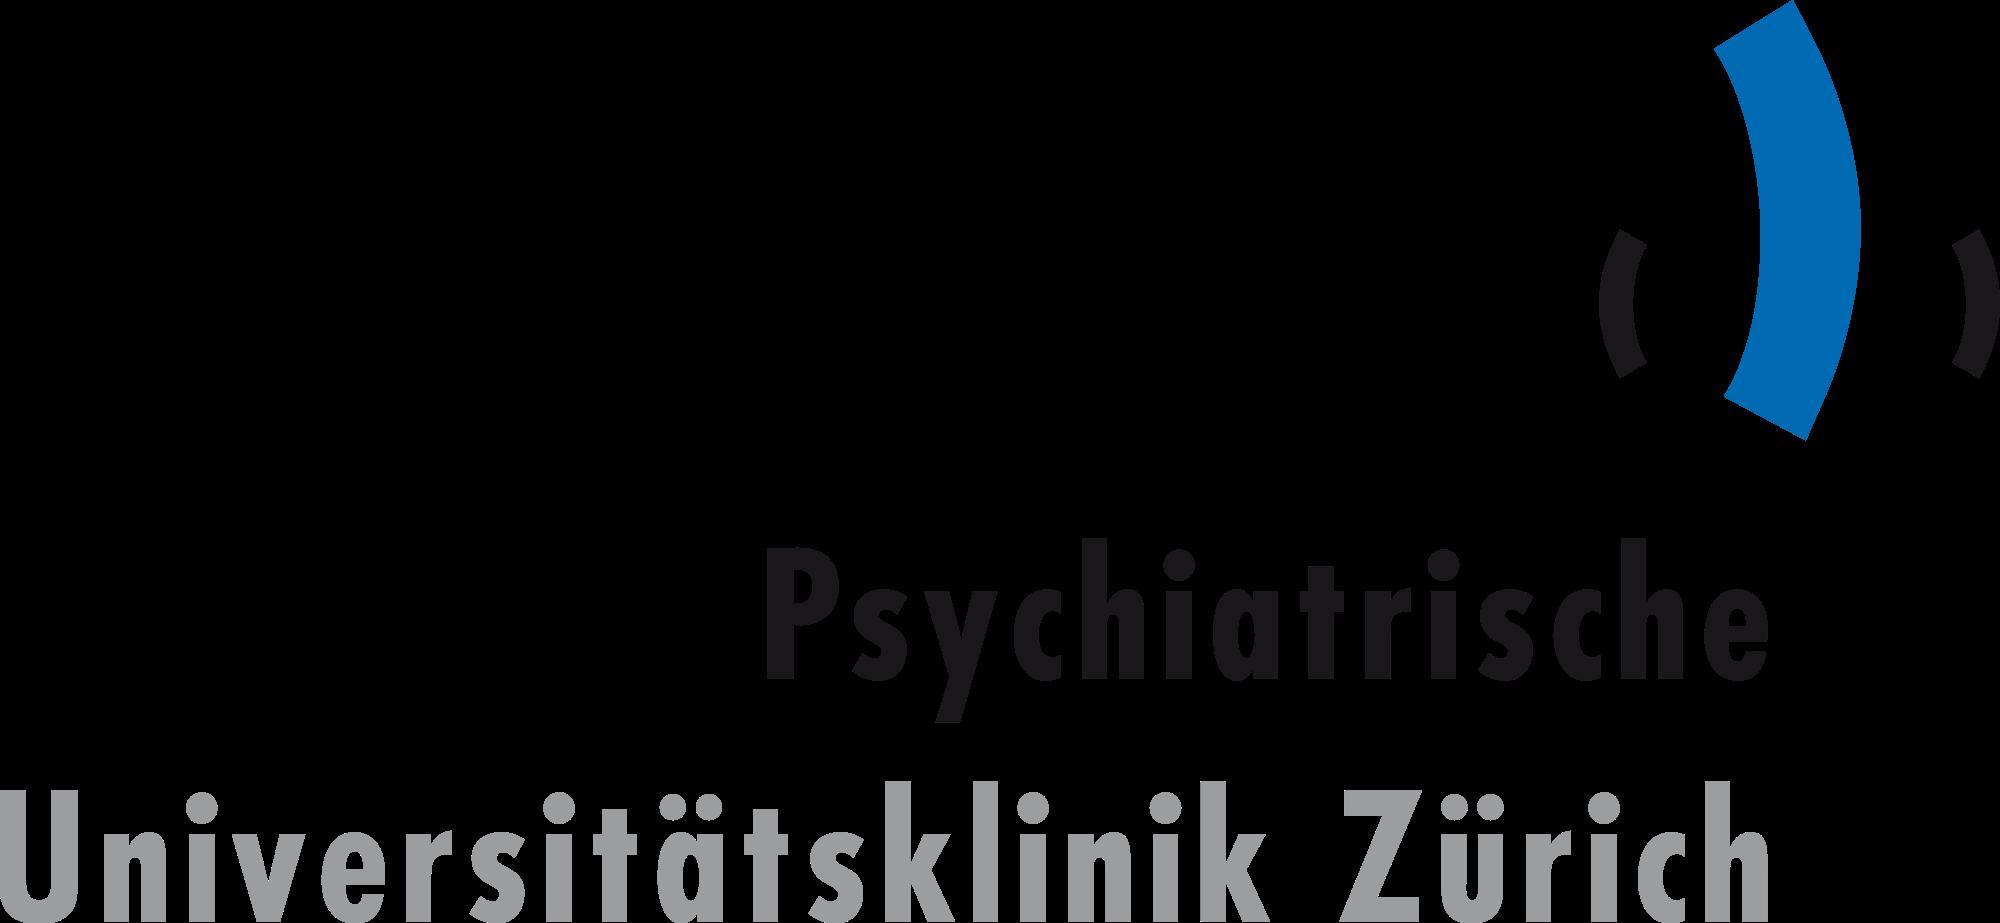 Logo von der Psychiatrischen Universitätsklinik Zürich (PUK)